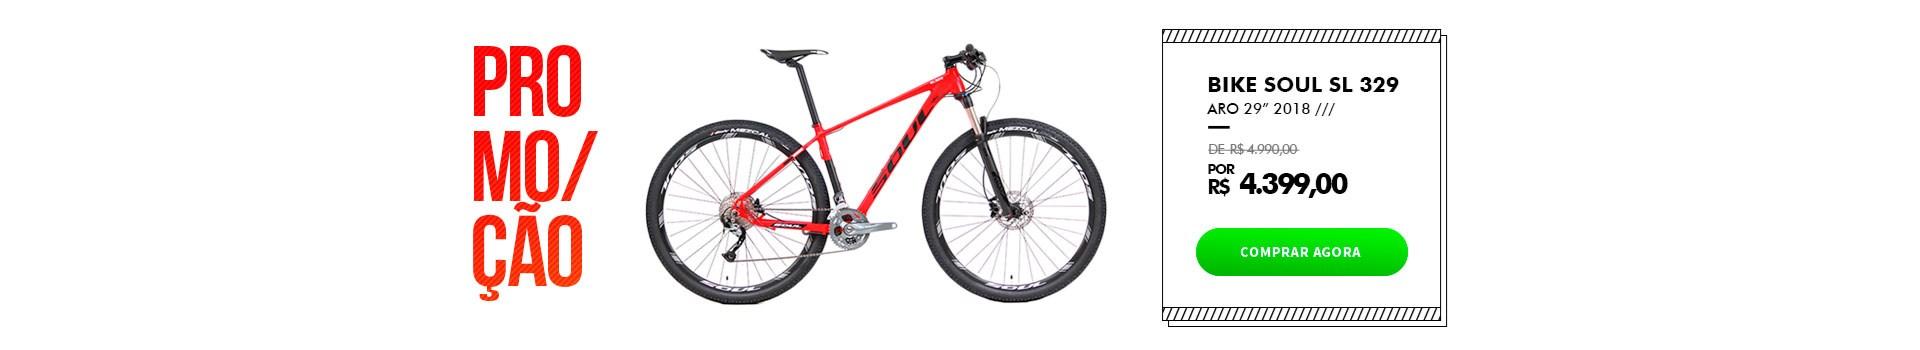 Bike Soul SL 329 em promoção